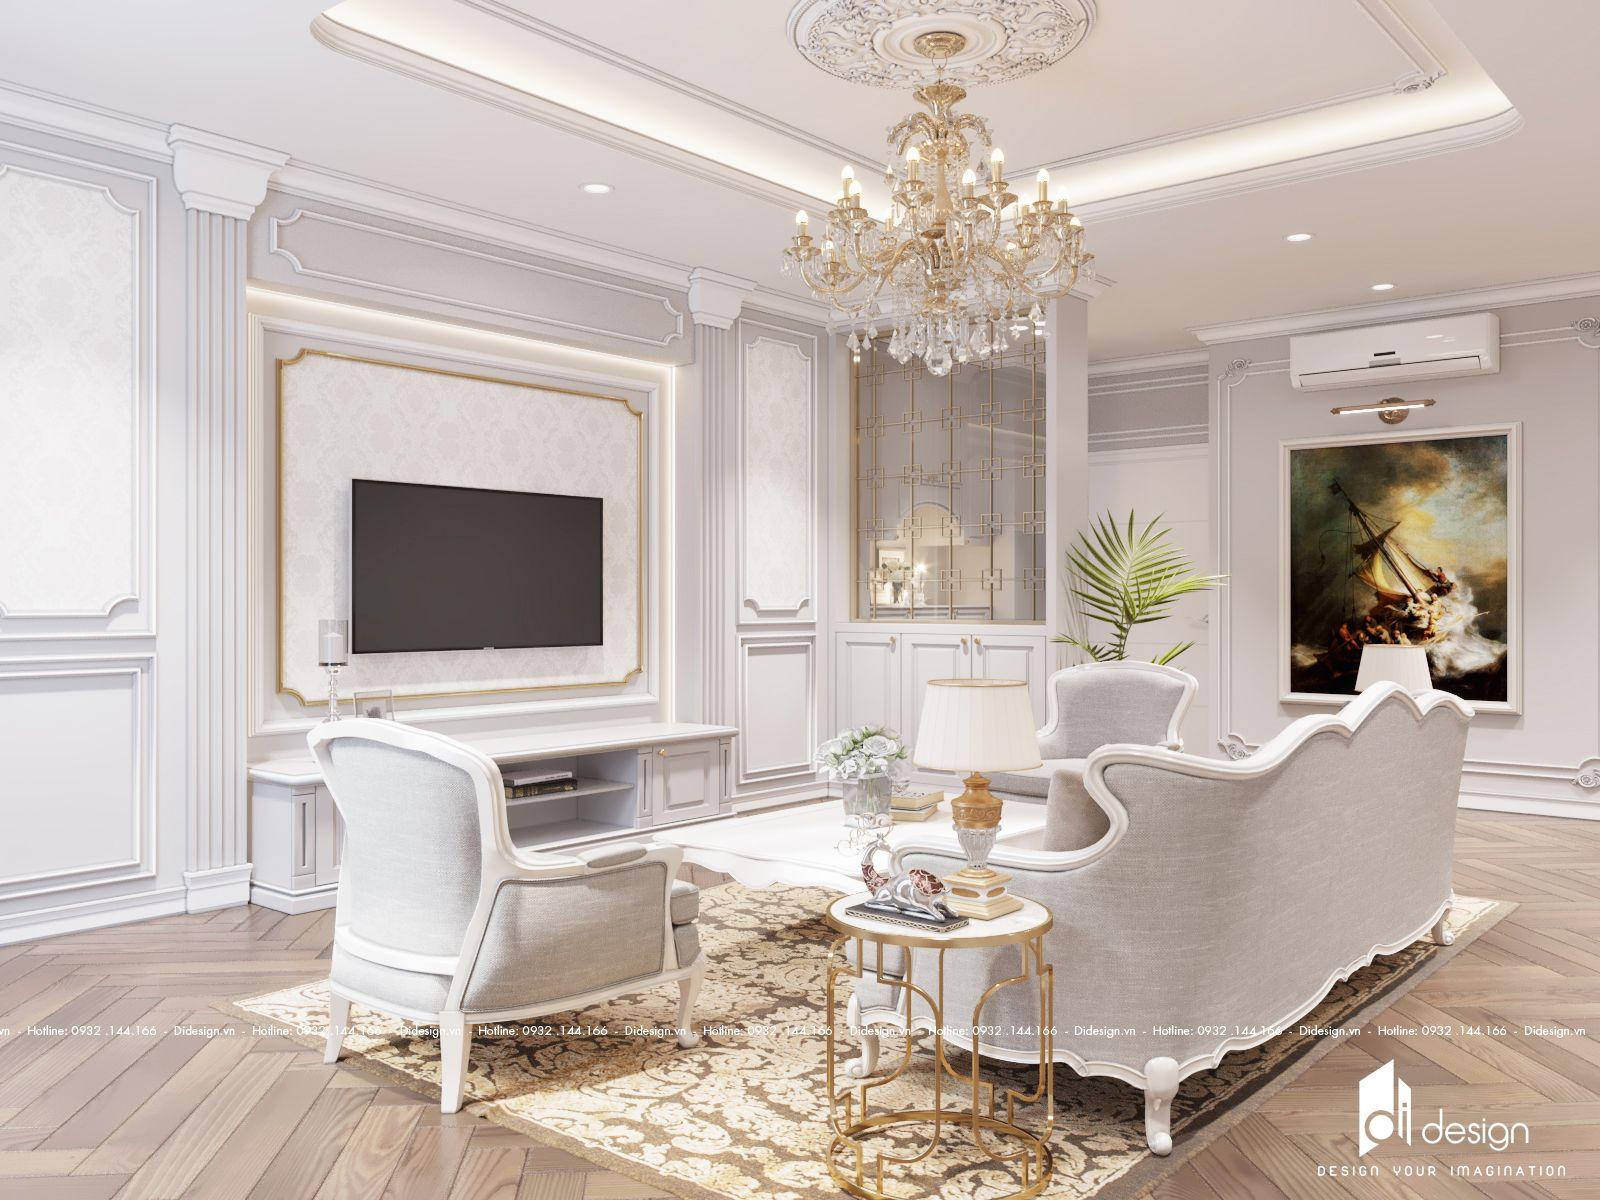 Thiết kế nội thất biệt thự song lập Vinhomes 200m2